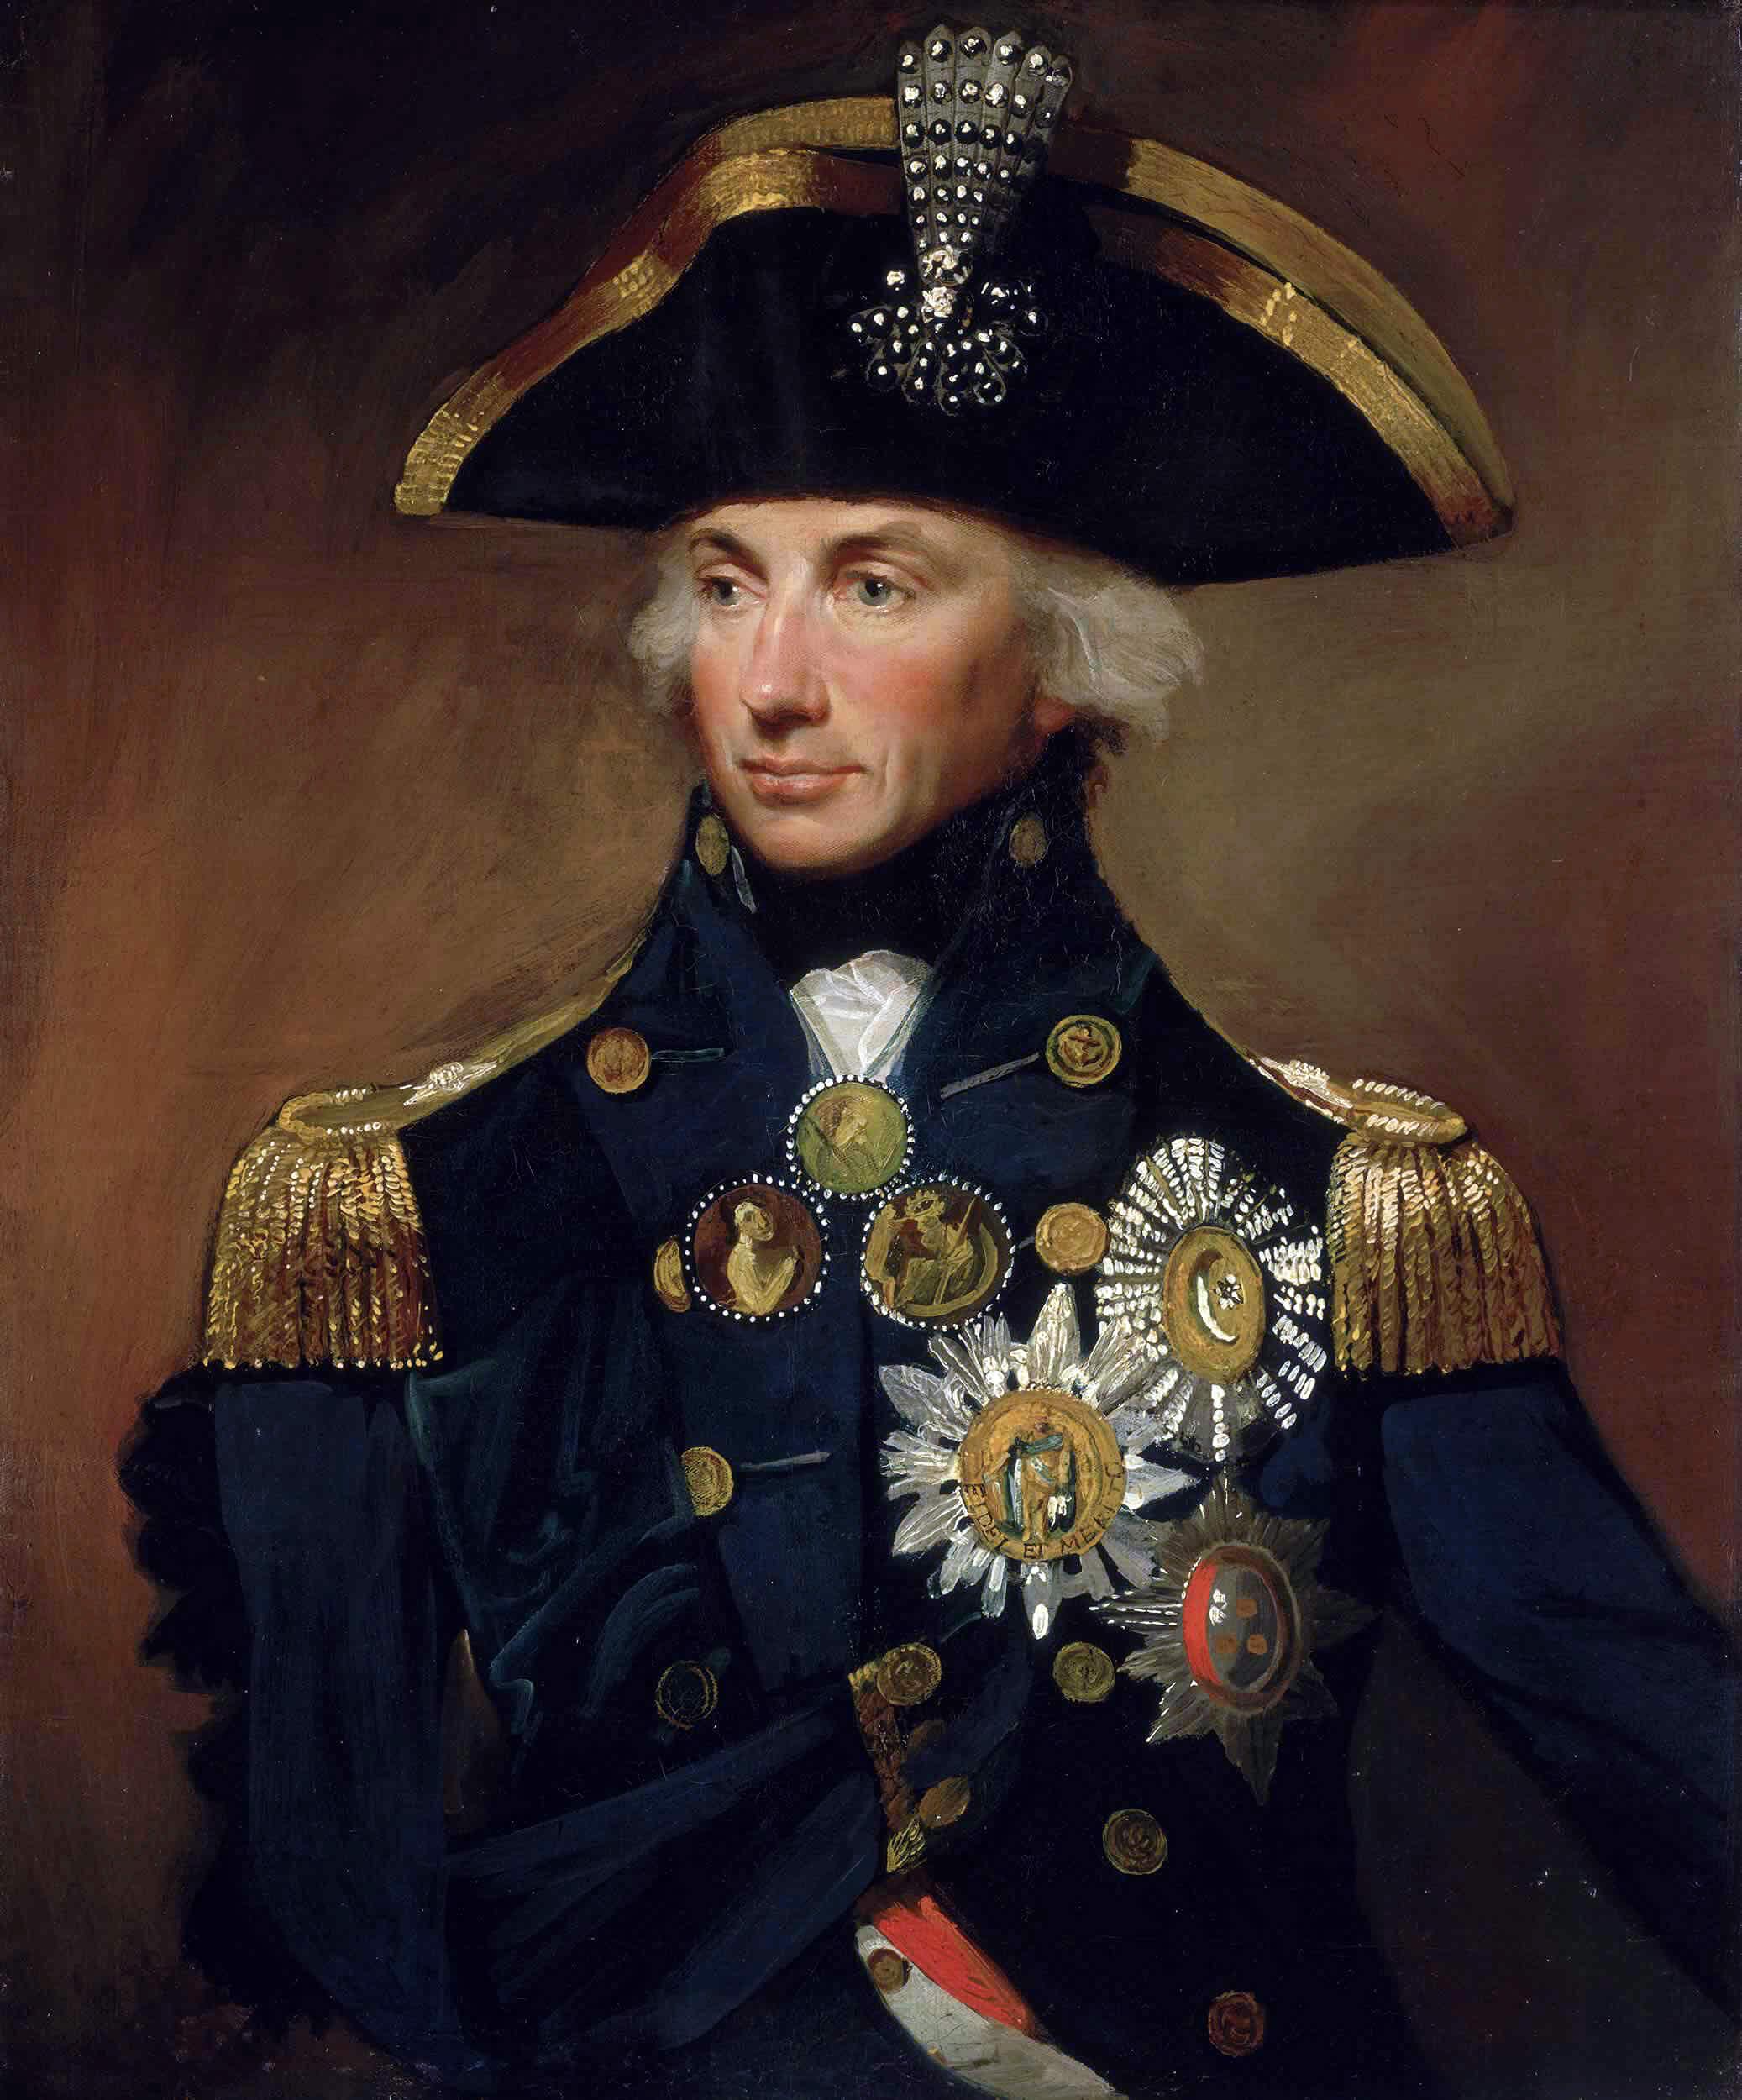 Портрет Нельсона кисти Лемюэля Эббота, 1799.